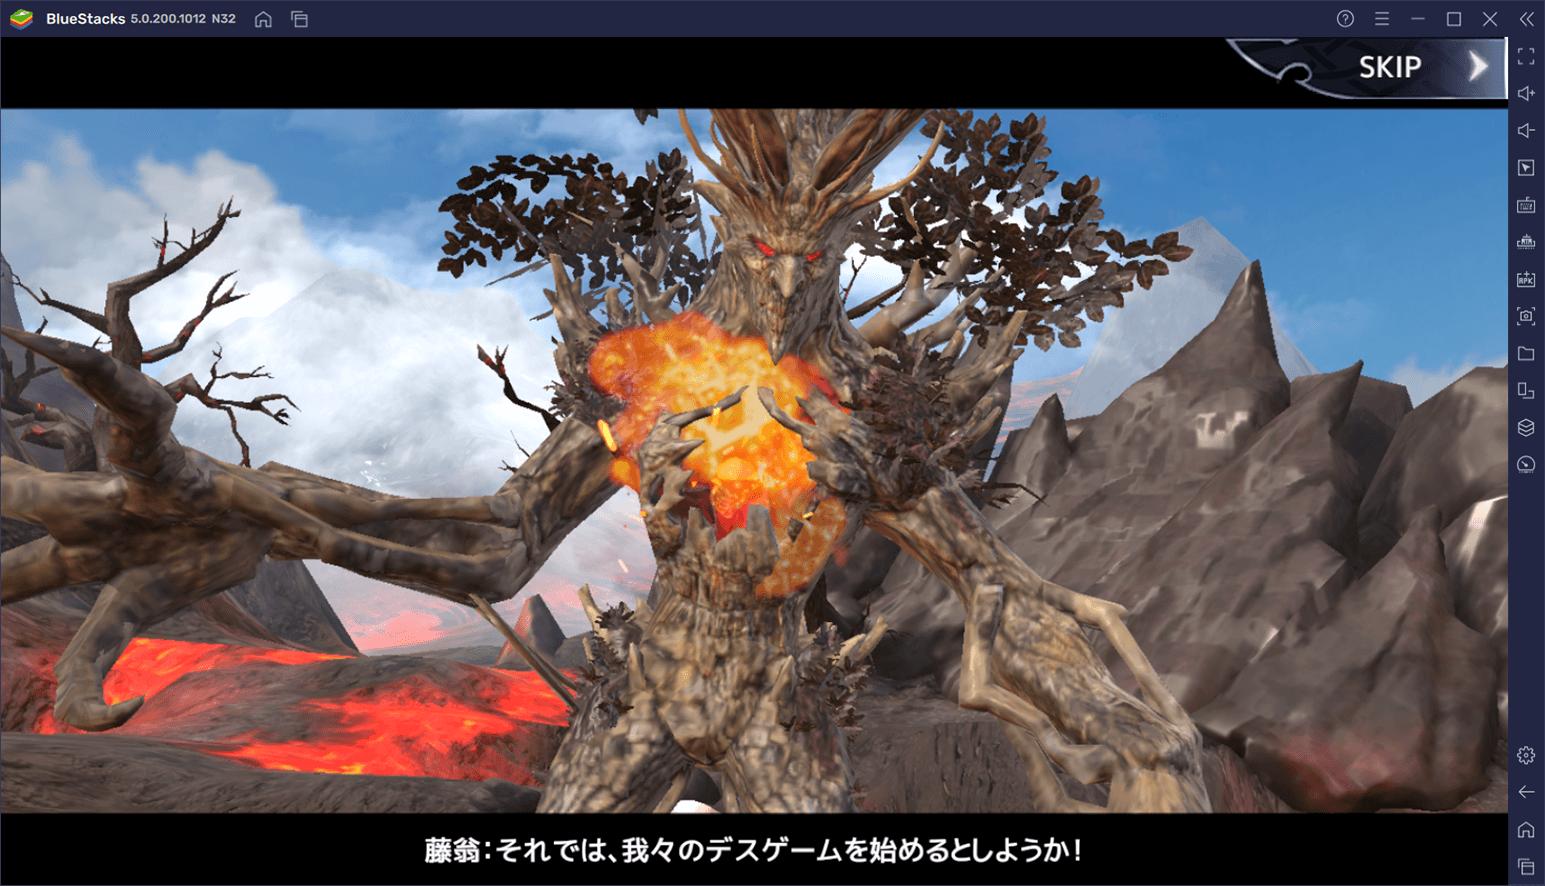 BlueStacksを使ってPCで『フォーセイクンワールド:神魔転生』を遊ぼう